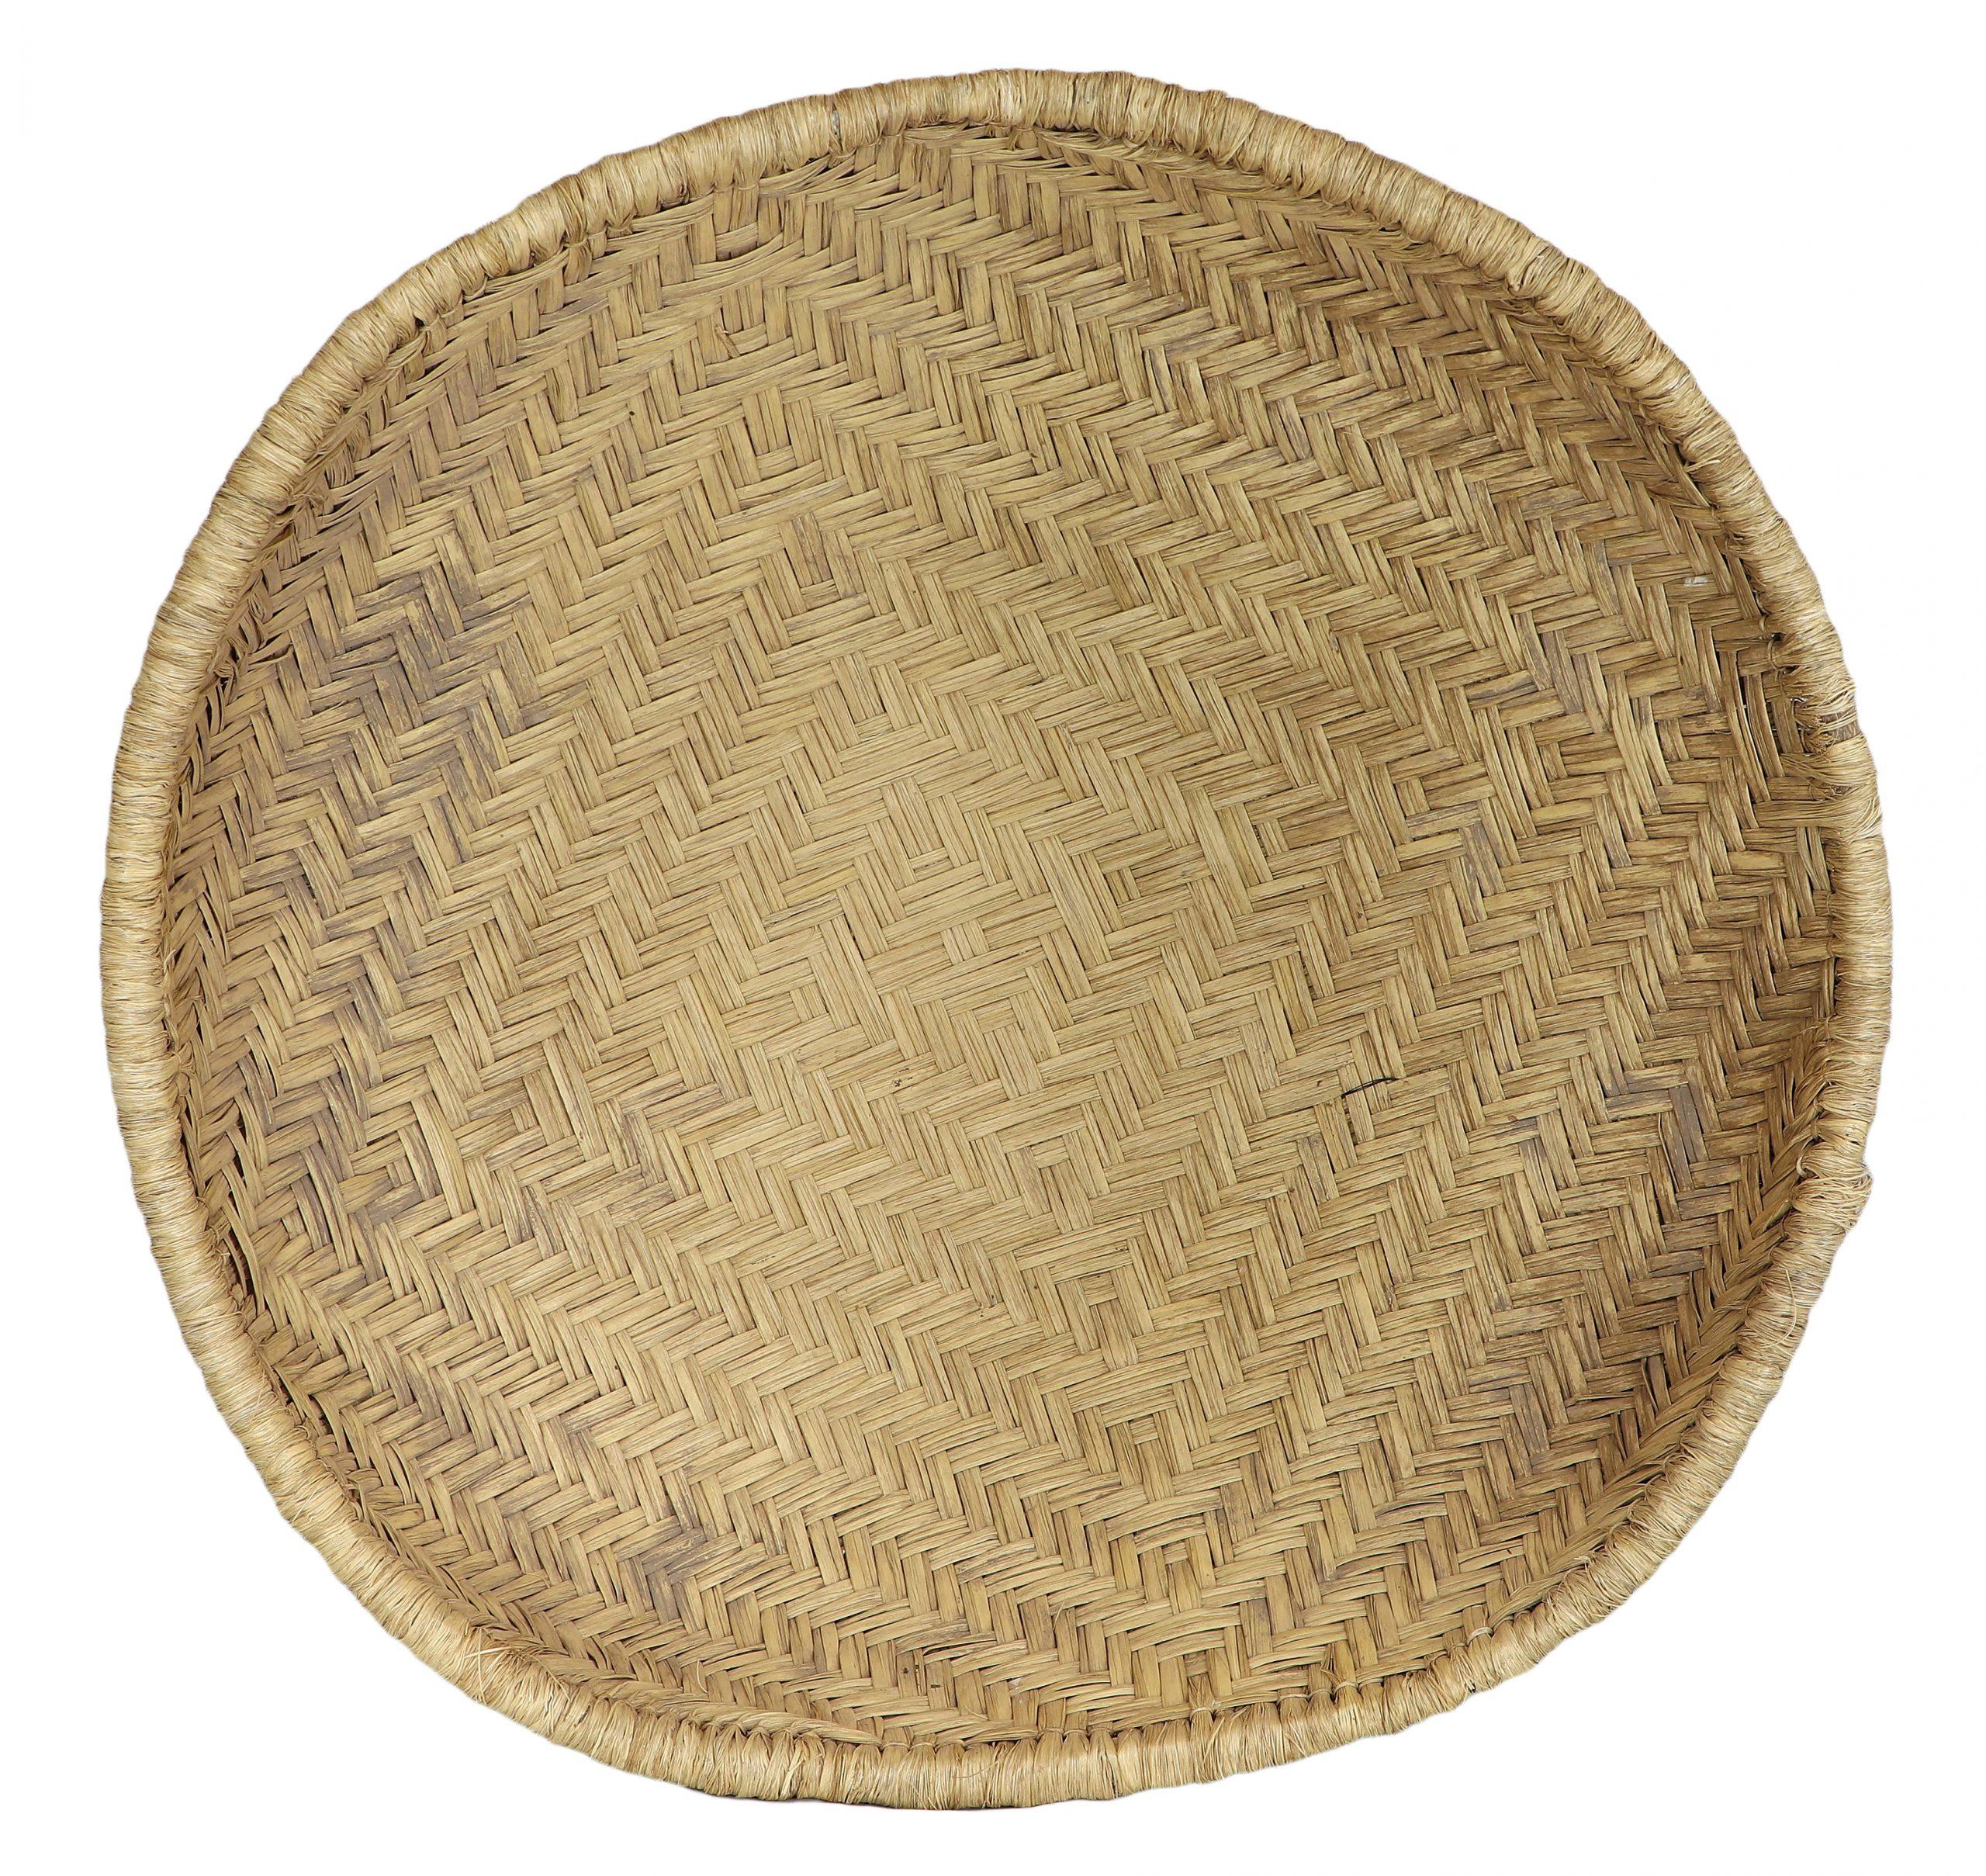 Antique Hopi Wicker Basket Cameron